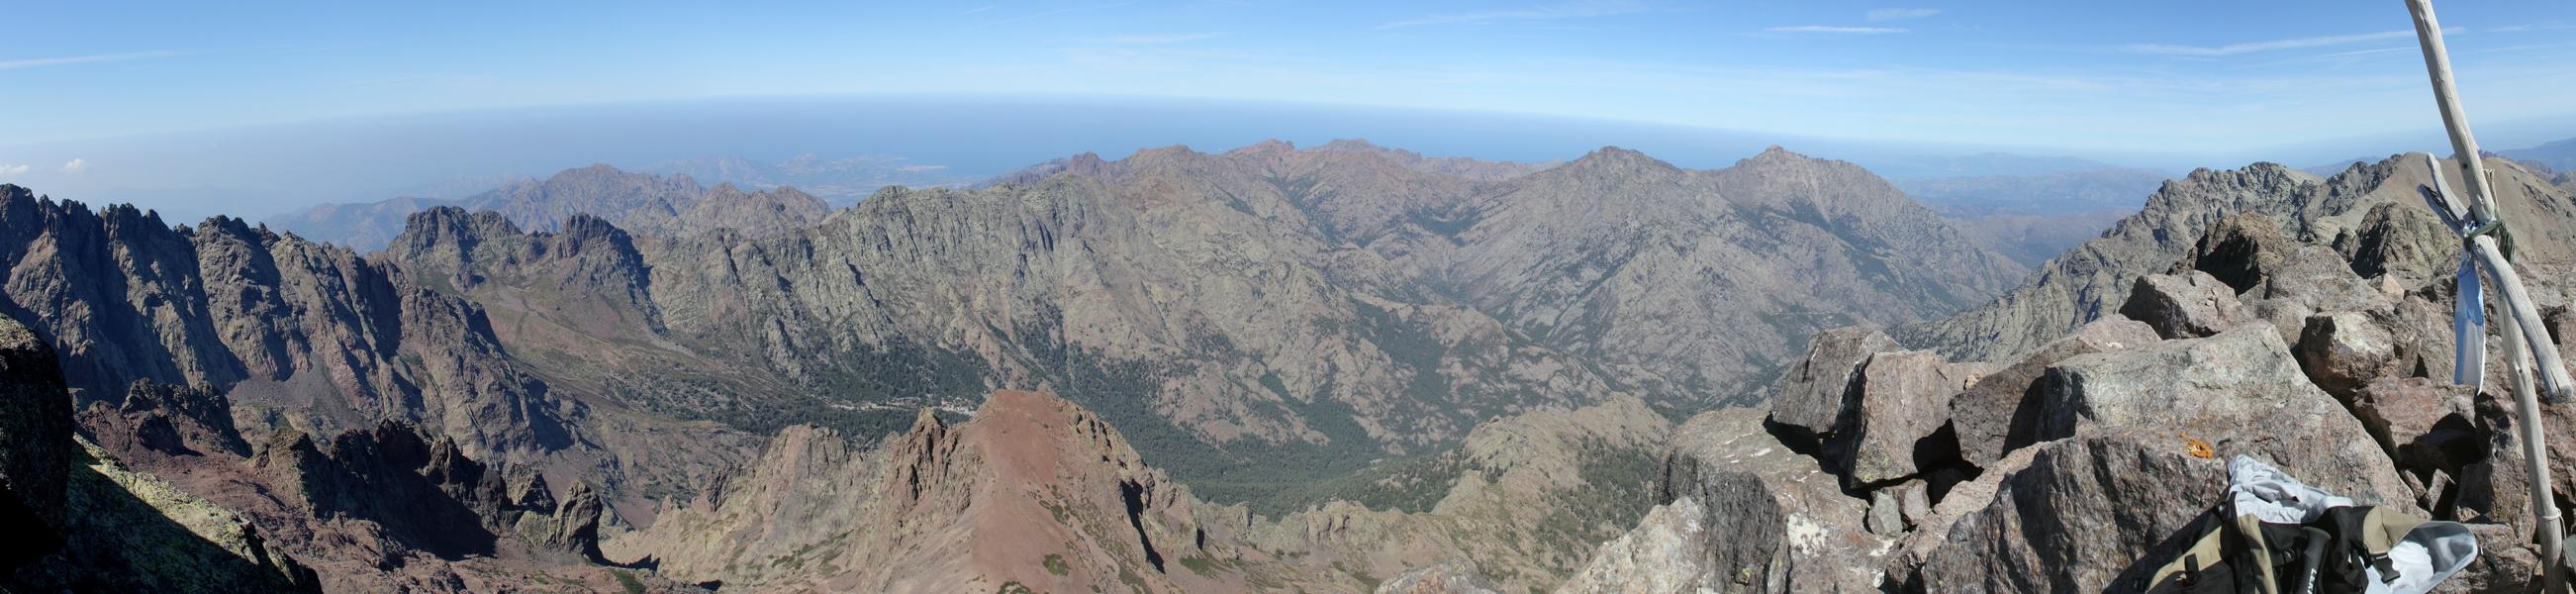 Blick vom Monte Cinto nach Norden auf Calvi